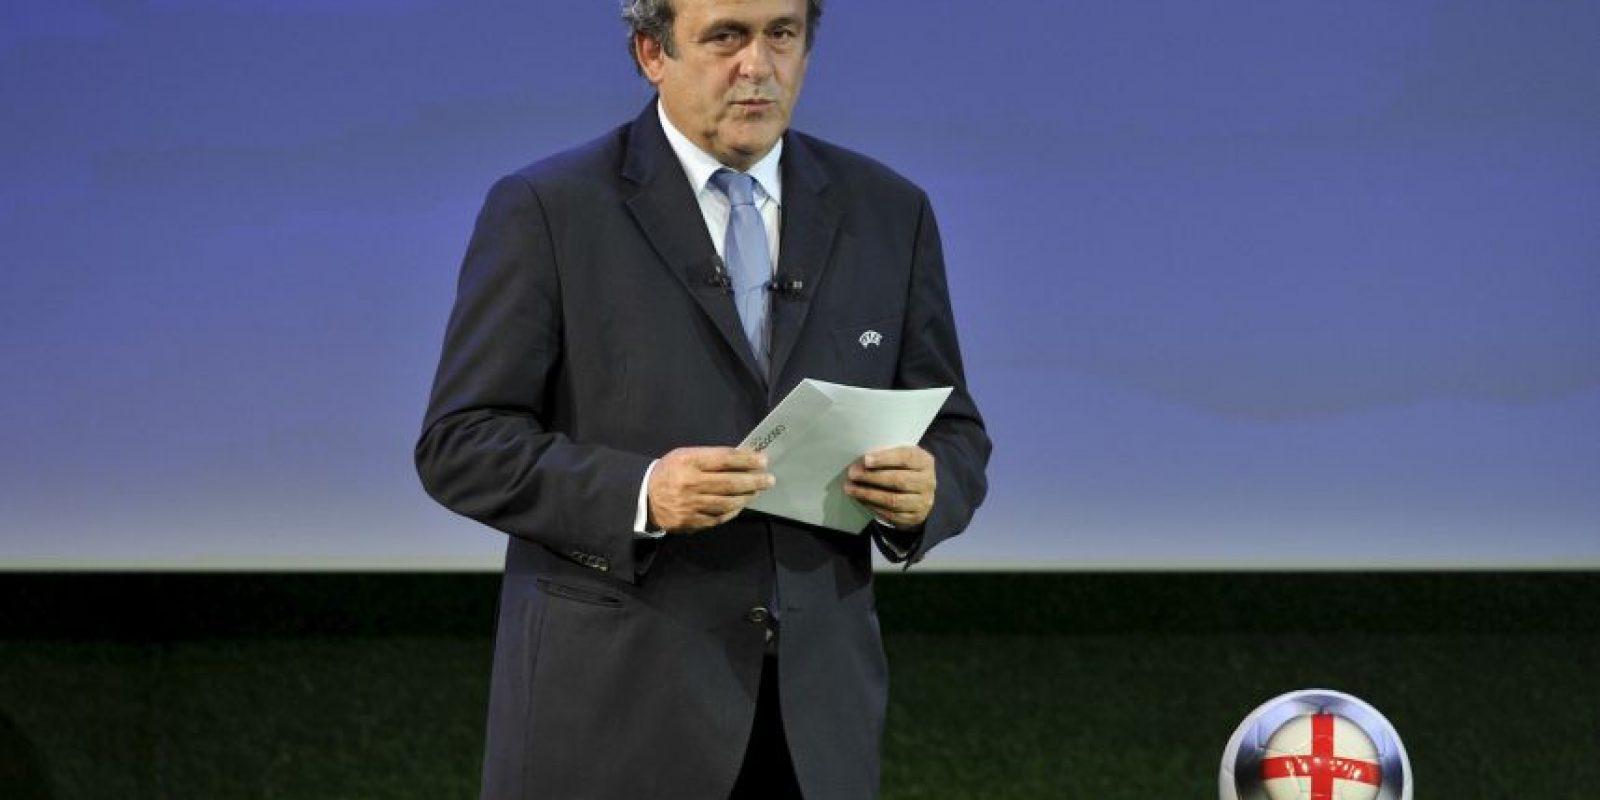 El presidente de la UEFA, Michel Platini, también ha sido acusado de sobornos en la elección de la Copa del Mundo de 2022 Foto:Getty